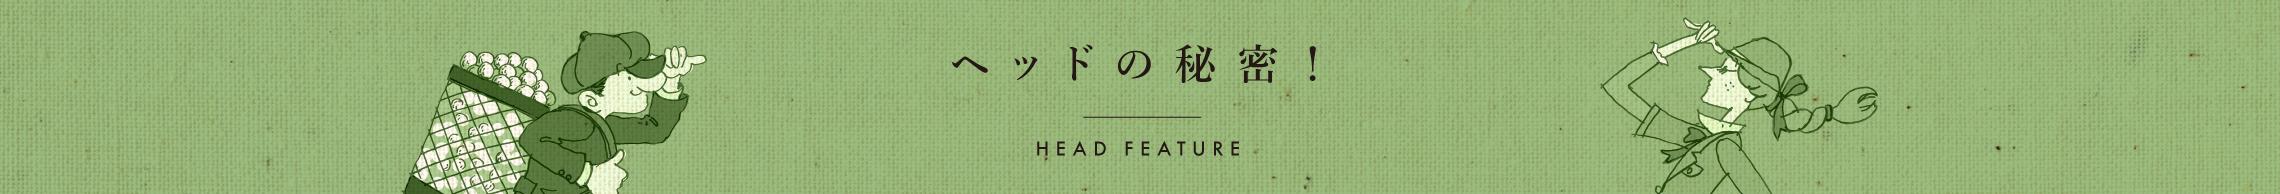 ヘッドの秘密! HEAD FEATURE